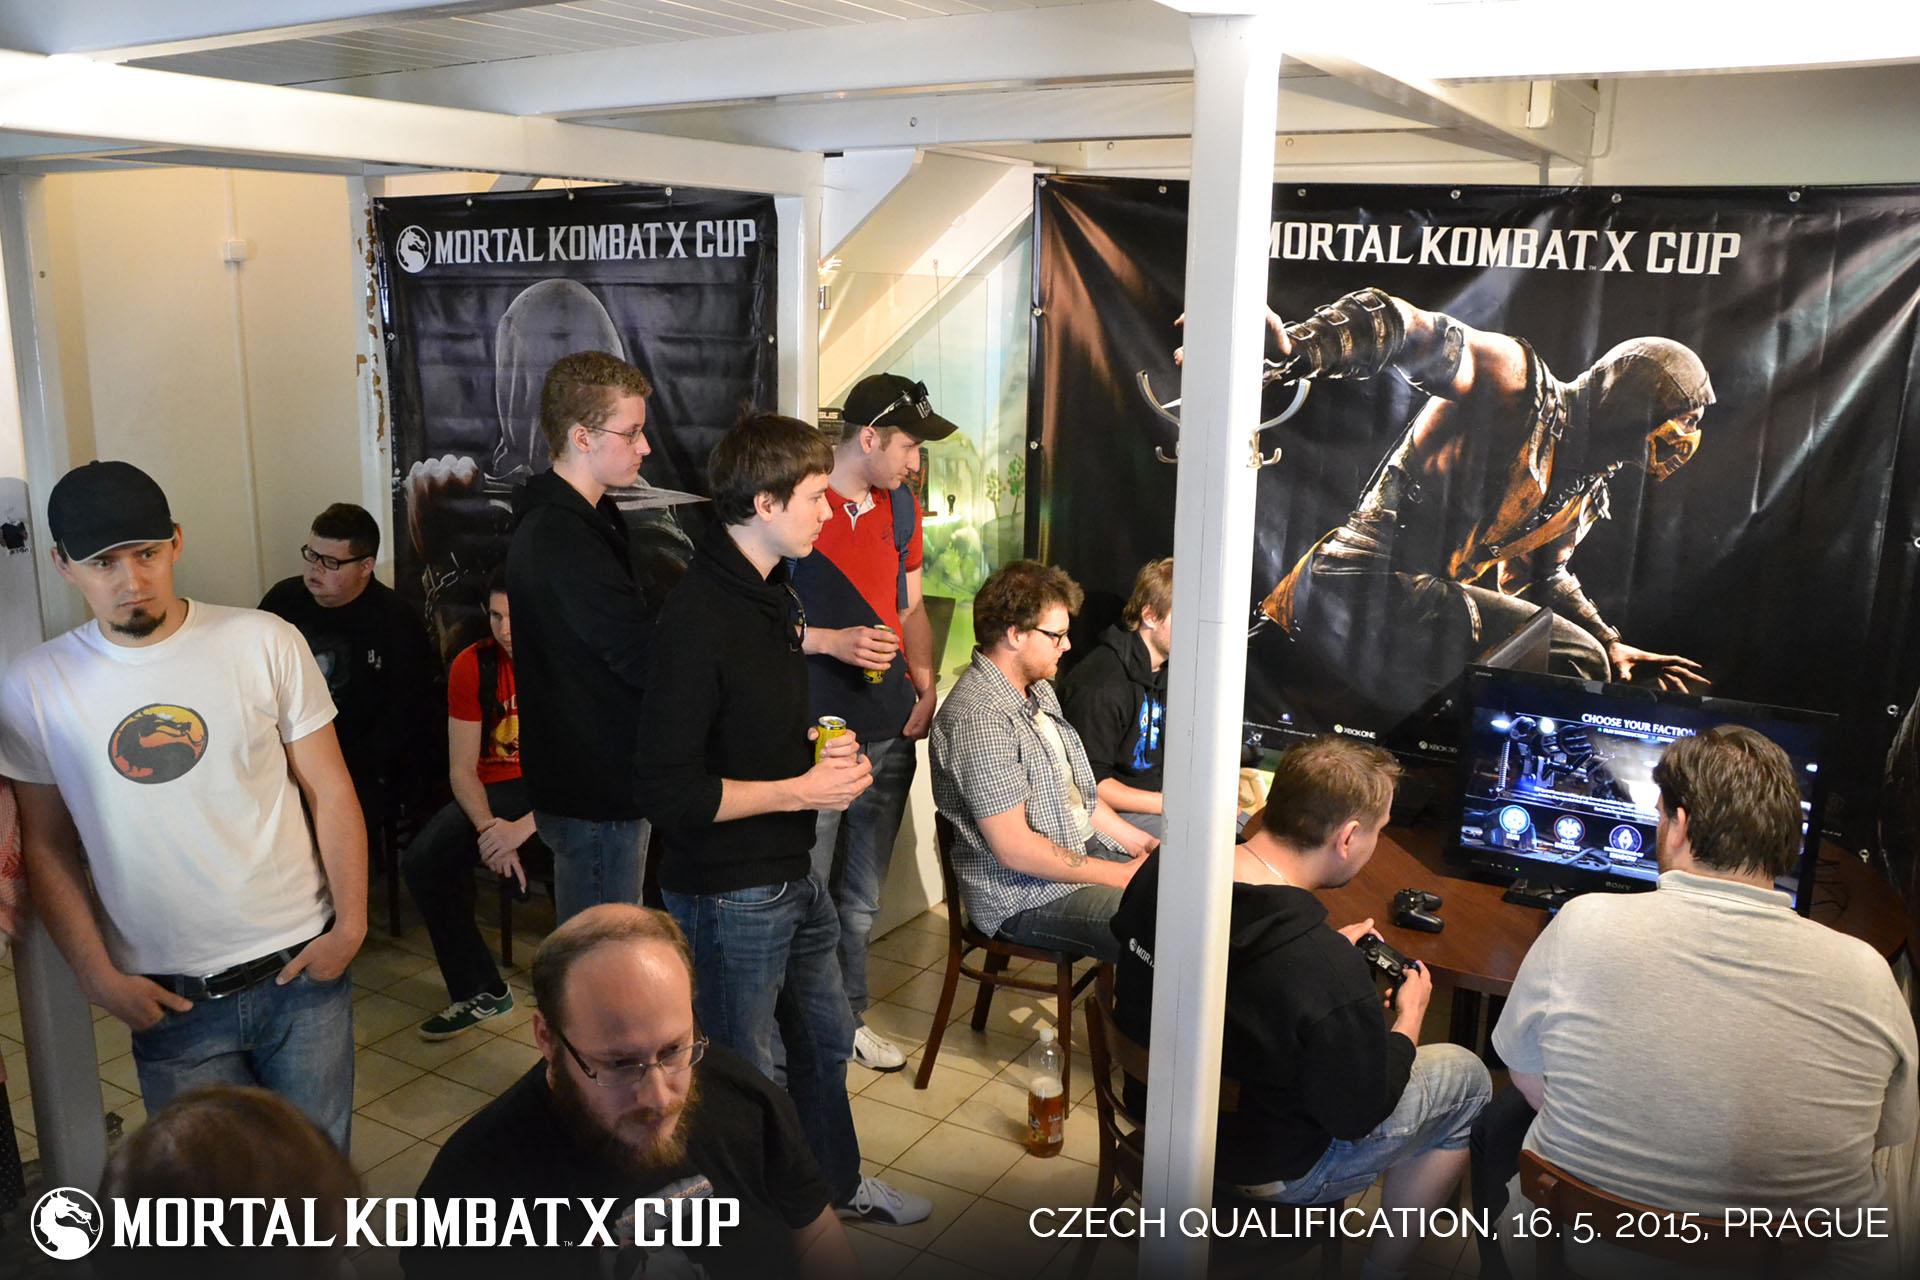 Česká kvalifikace na Mortal Kombat X Cup zná vítěze! 109159